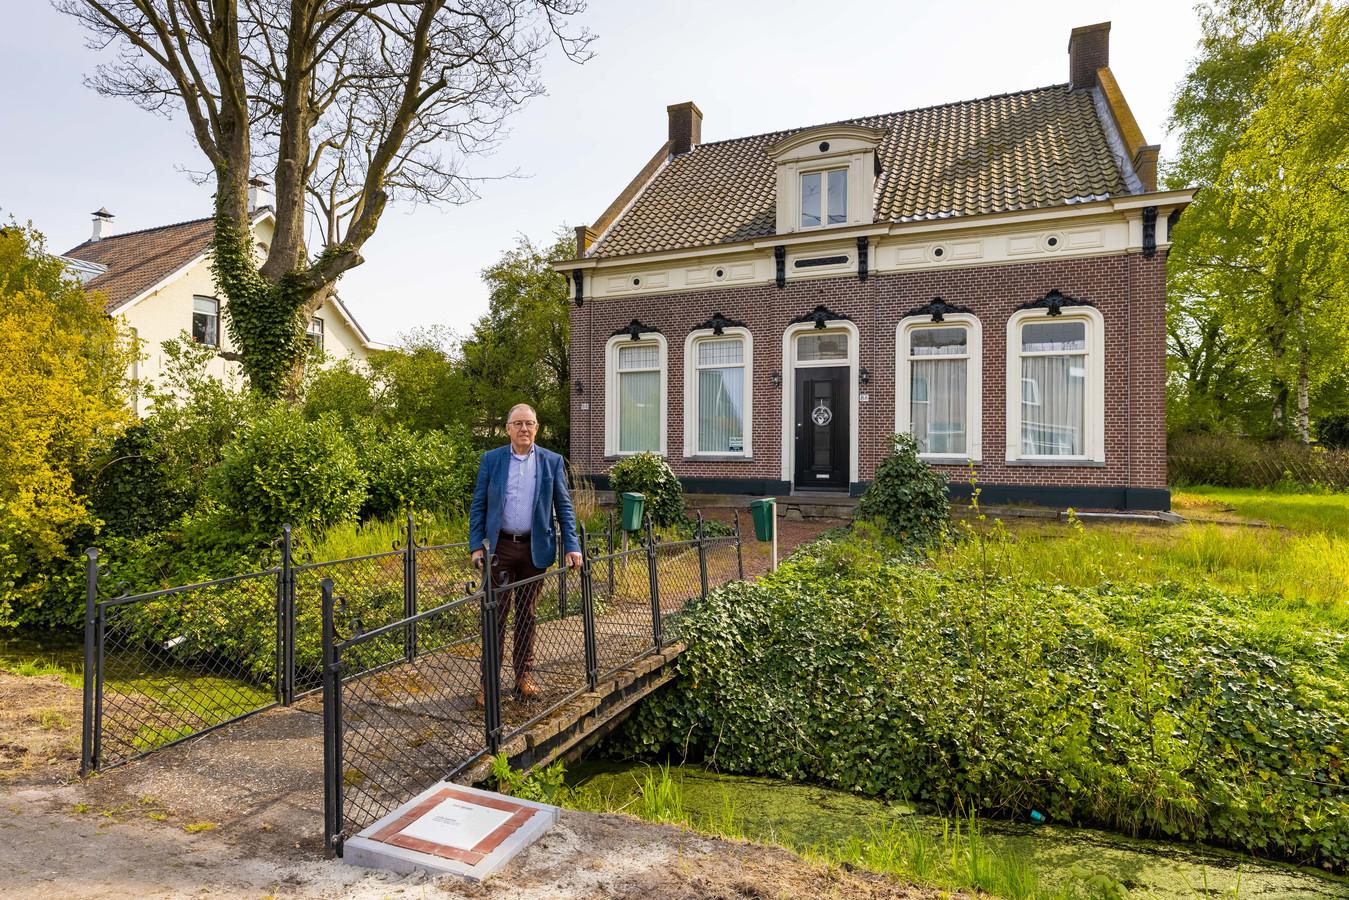 Piet Pruijssers bij de gedenksteen voor Leon Hartog die op 9 april uit Sprang Capelle vertrok om zich te melden bij Kamp Vught. Op  21 mei werd hij vermoord in Sobibor.